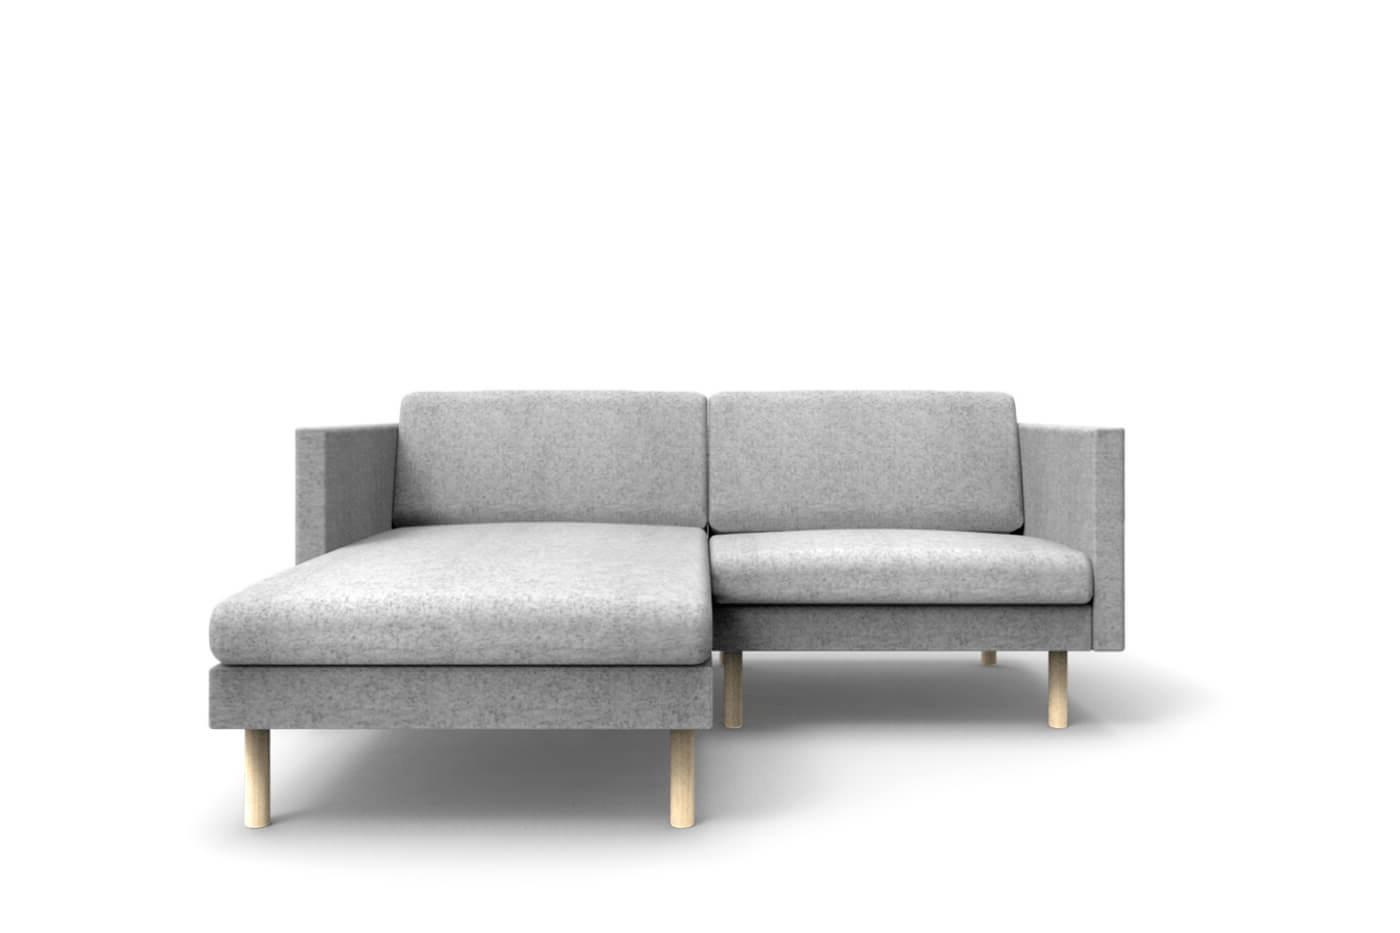 Small Corner Sofa LEAF Mini, Chaise Lounge on Left - Oot-Oot Studio